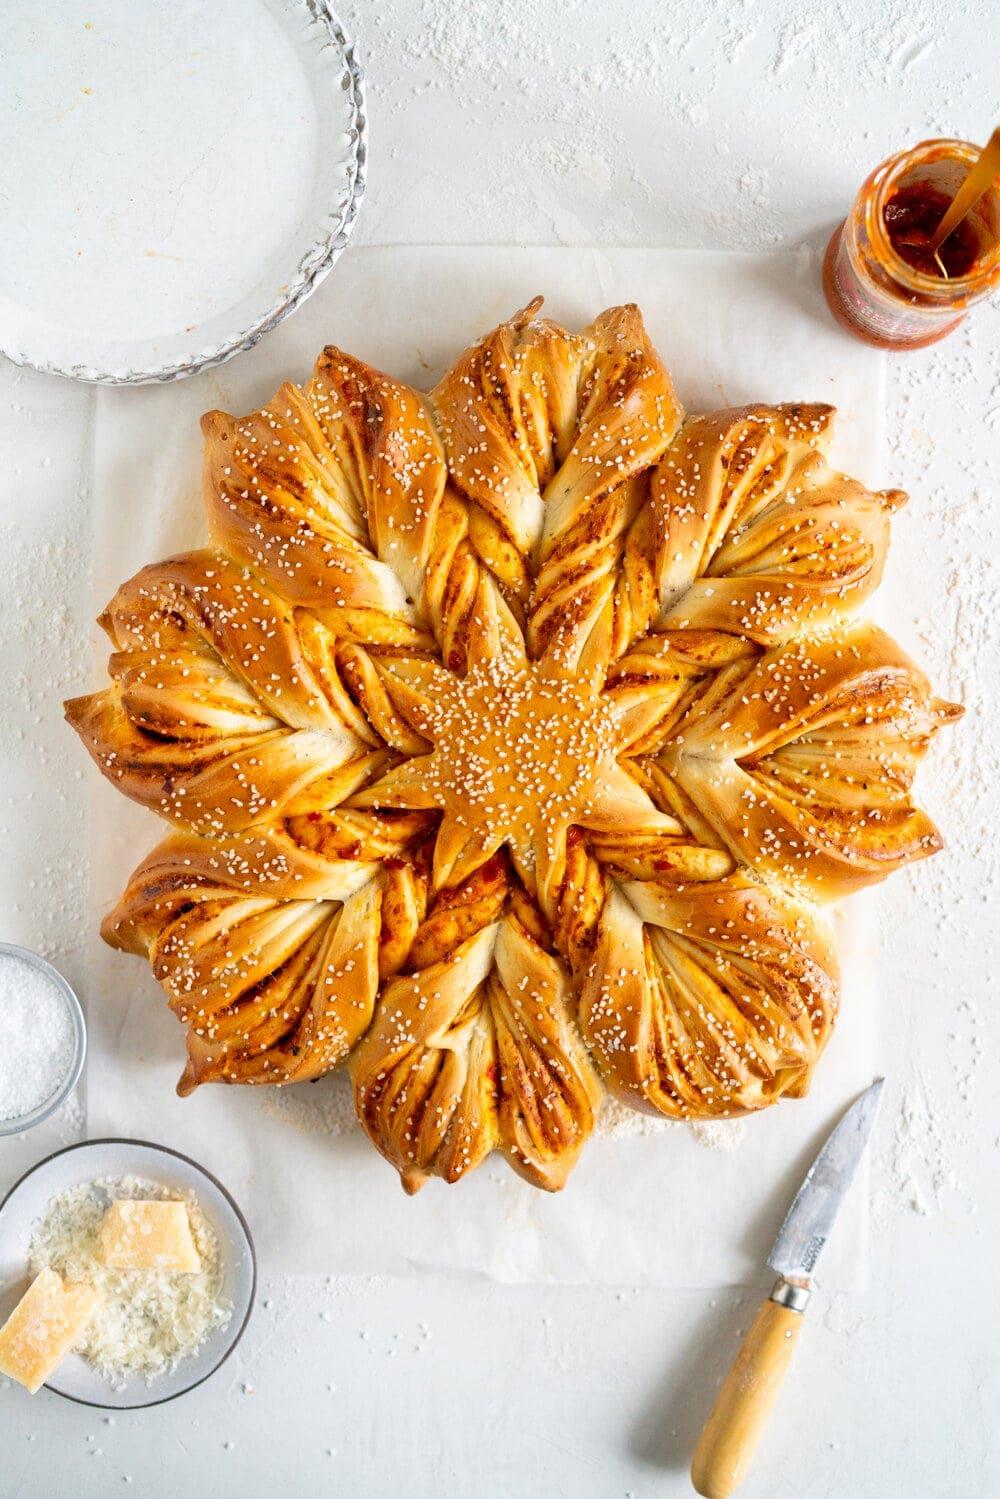 Pesto Star Bread Ready To Serve